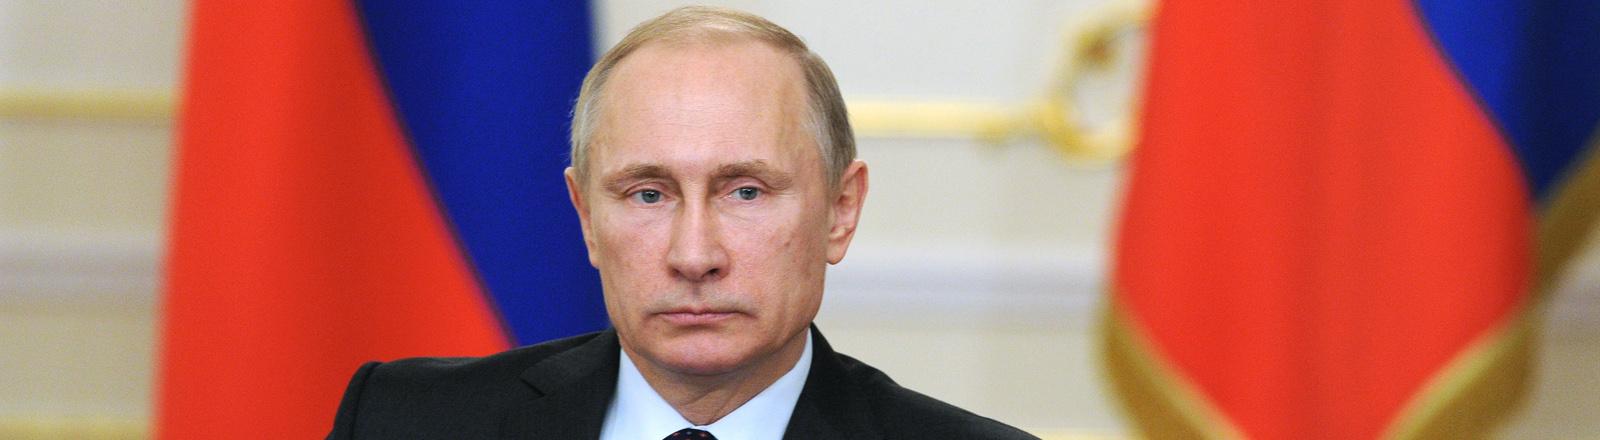 Portrait von Wladimir Putin